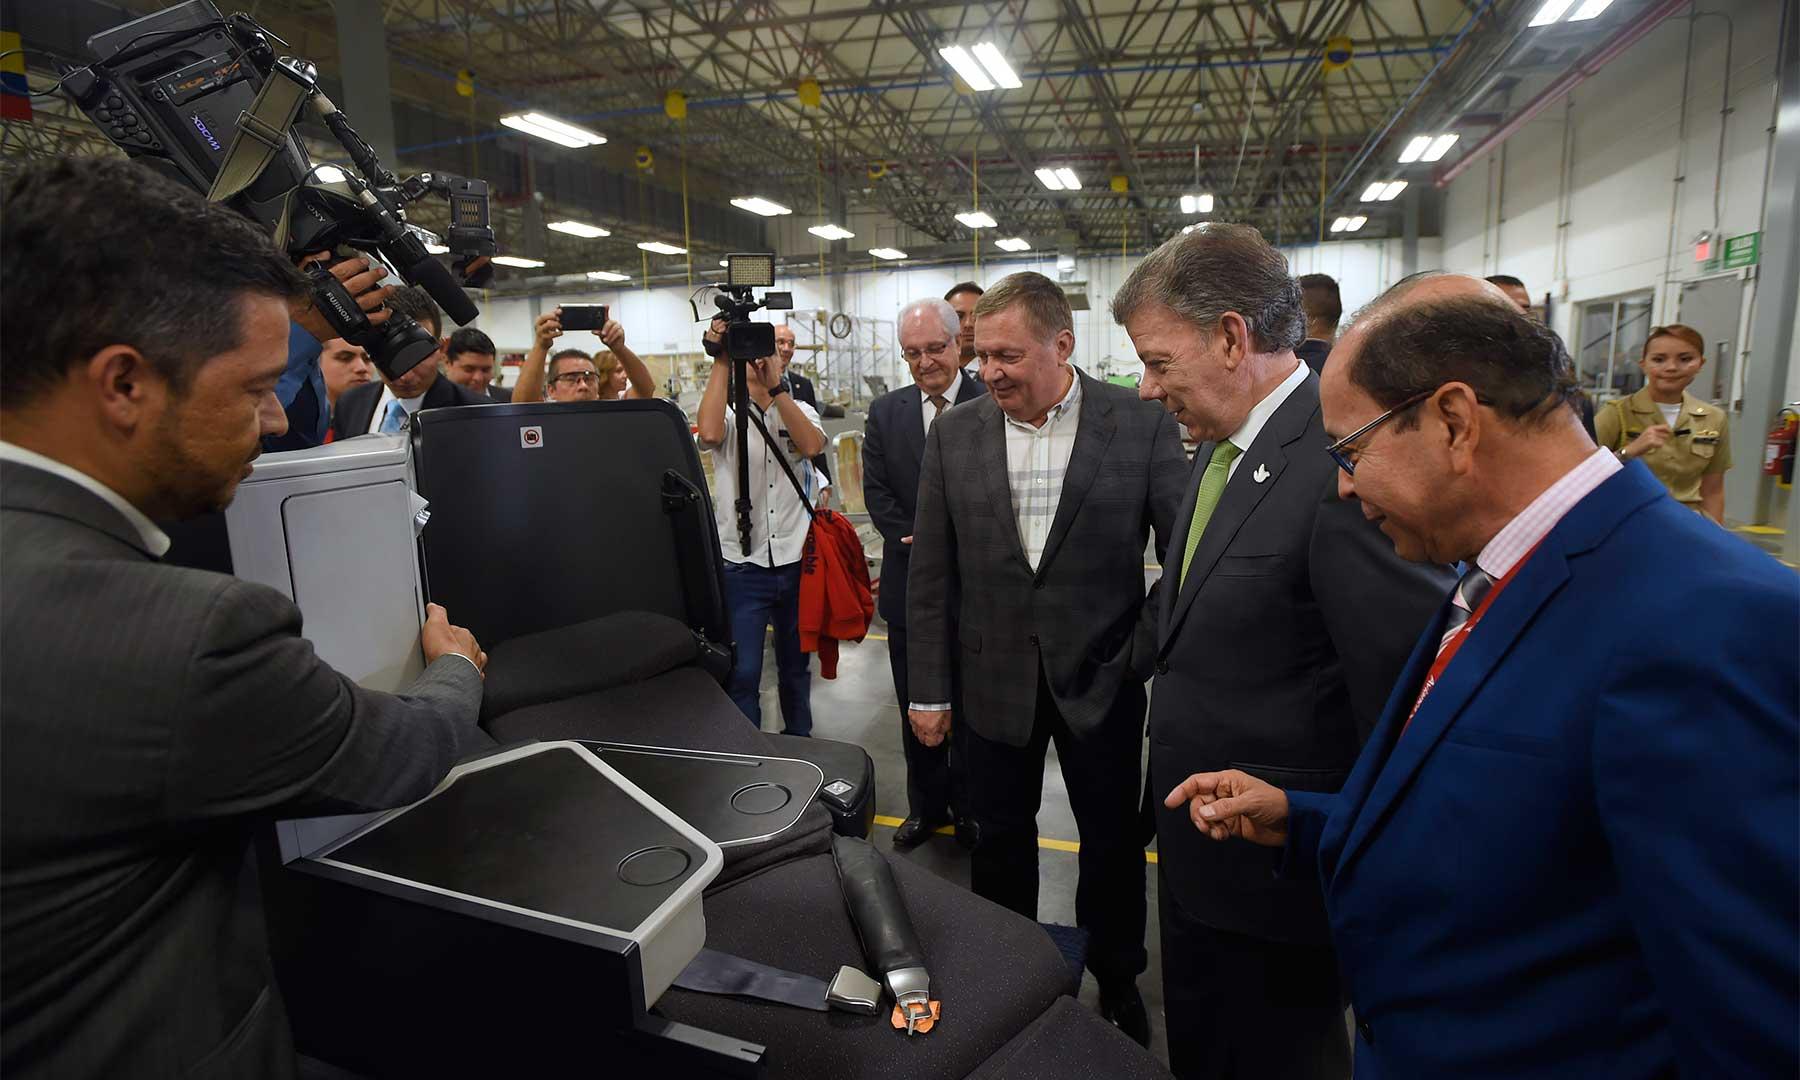 En el nuevo Centro de Mantenimiento de Avianca, inaugurado por el Presidente Santos, la aerolínea invirtió 50 millones de dólares en su construcción.